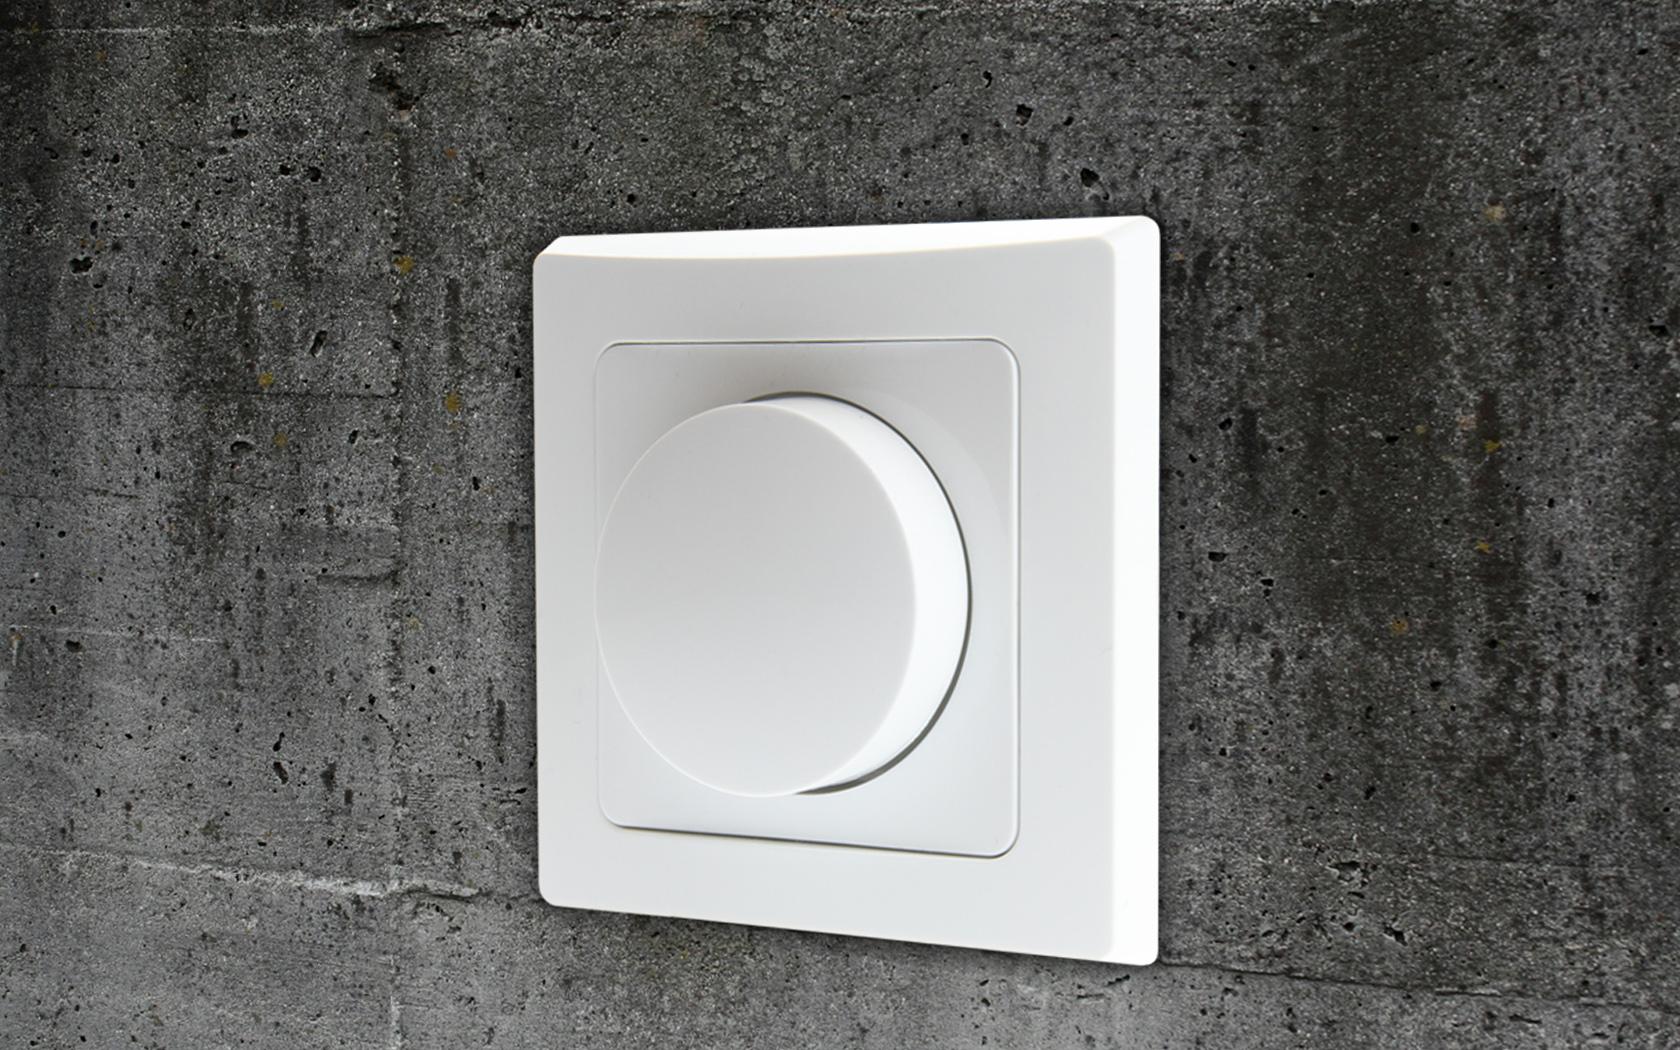 LED Dreh Dimmer Schalter für elektronische Trafos 230V 20-300W ...